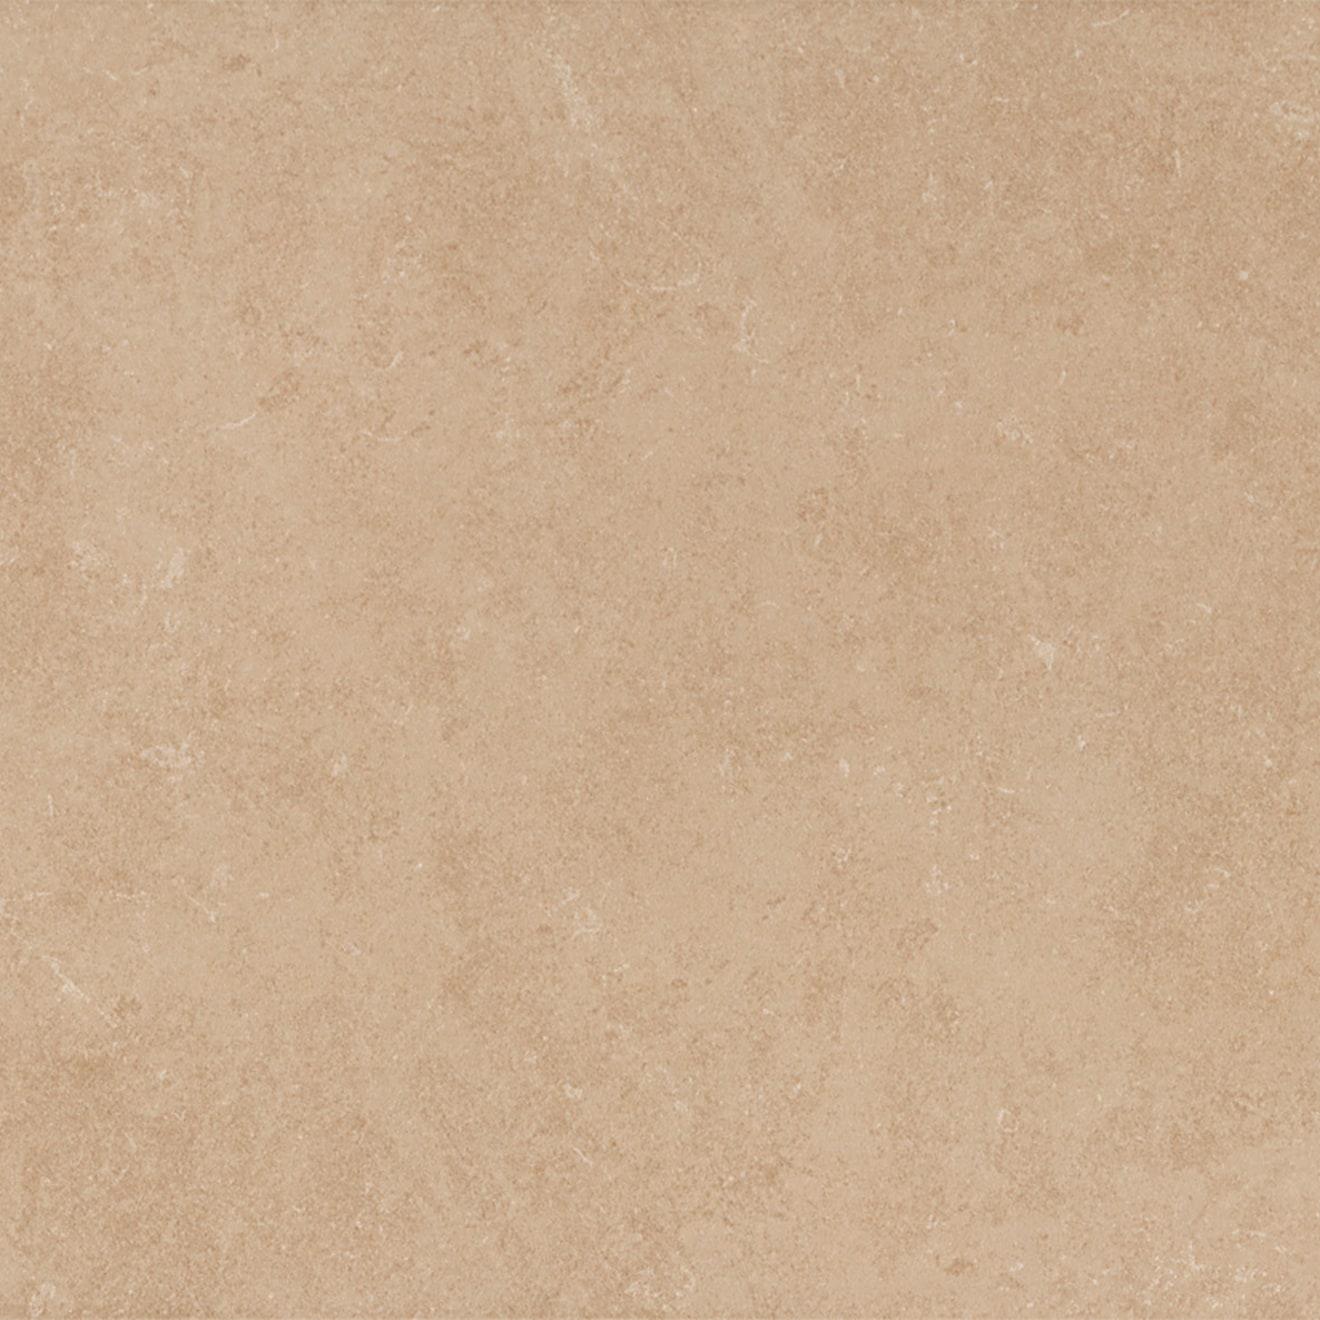 """Ararat 12""""x24"""" Porcelain Floor & Wall Tile in Beige"""